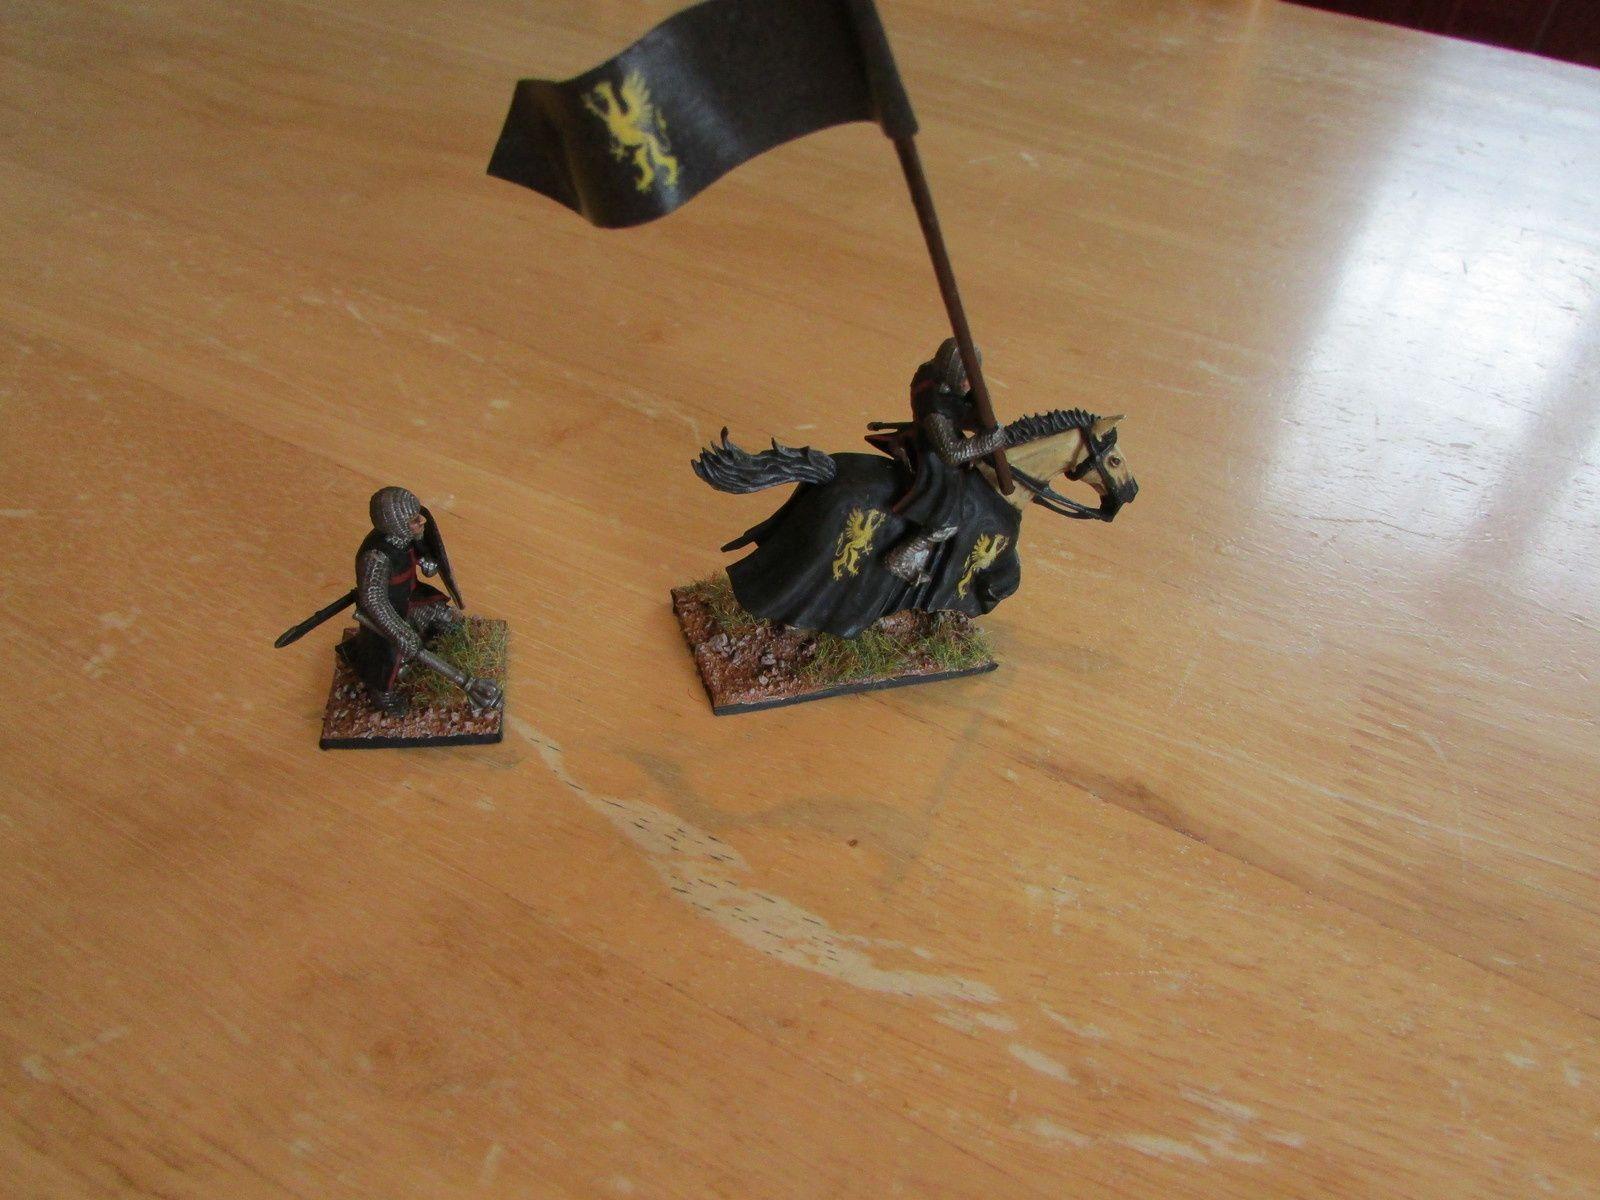 Un chevalier servant, bouclier et étandard réalisé avec une feuille A4 classique, juppe du cheval avec du decals.